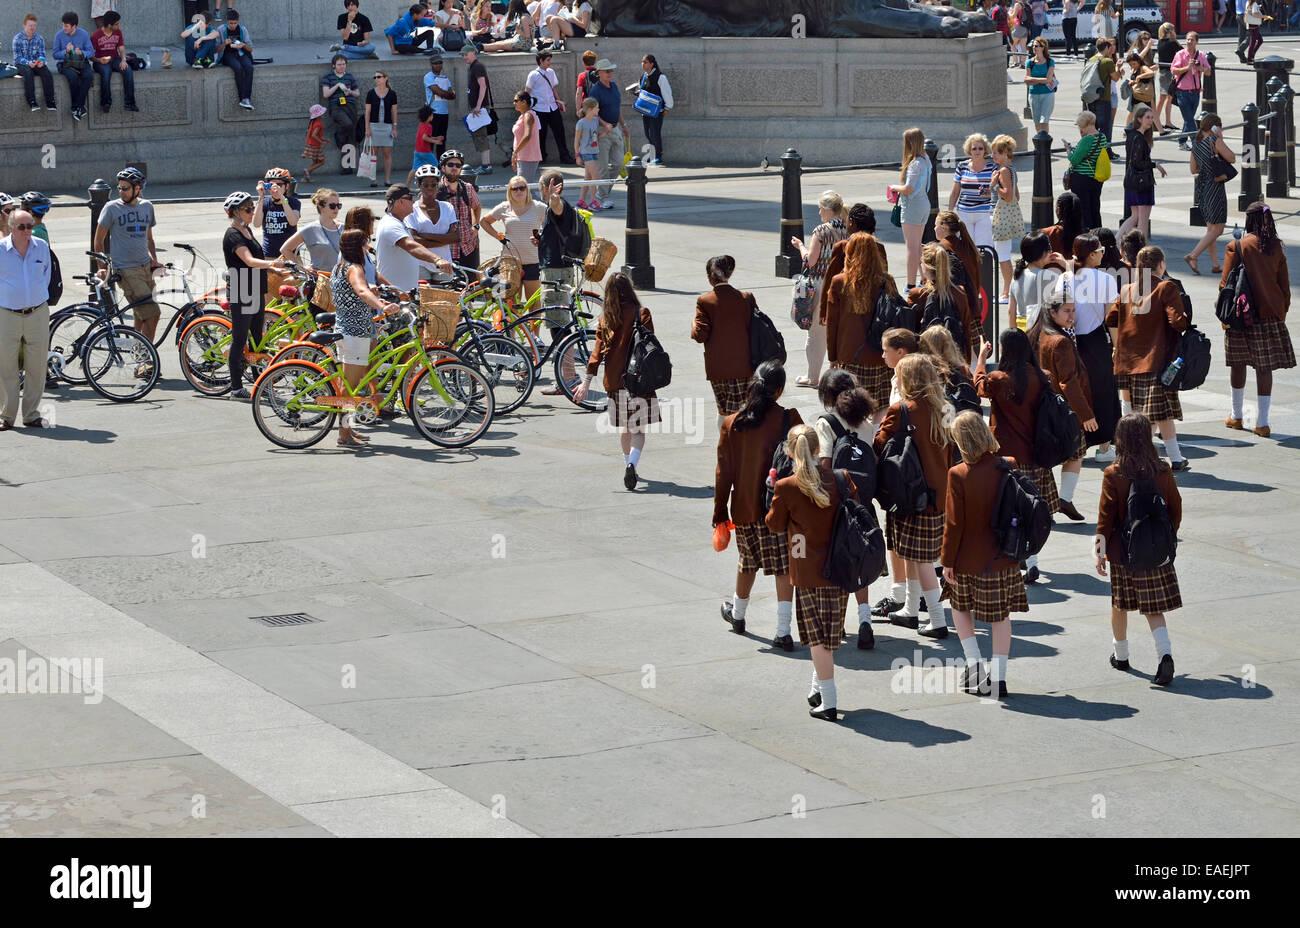 Londres, Inglaterra, Reino Unido. Trafalgar Square: colegialas en uniforme en una excursión escolar, y una Imagen De Stock